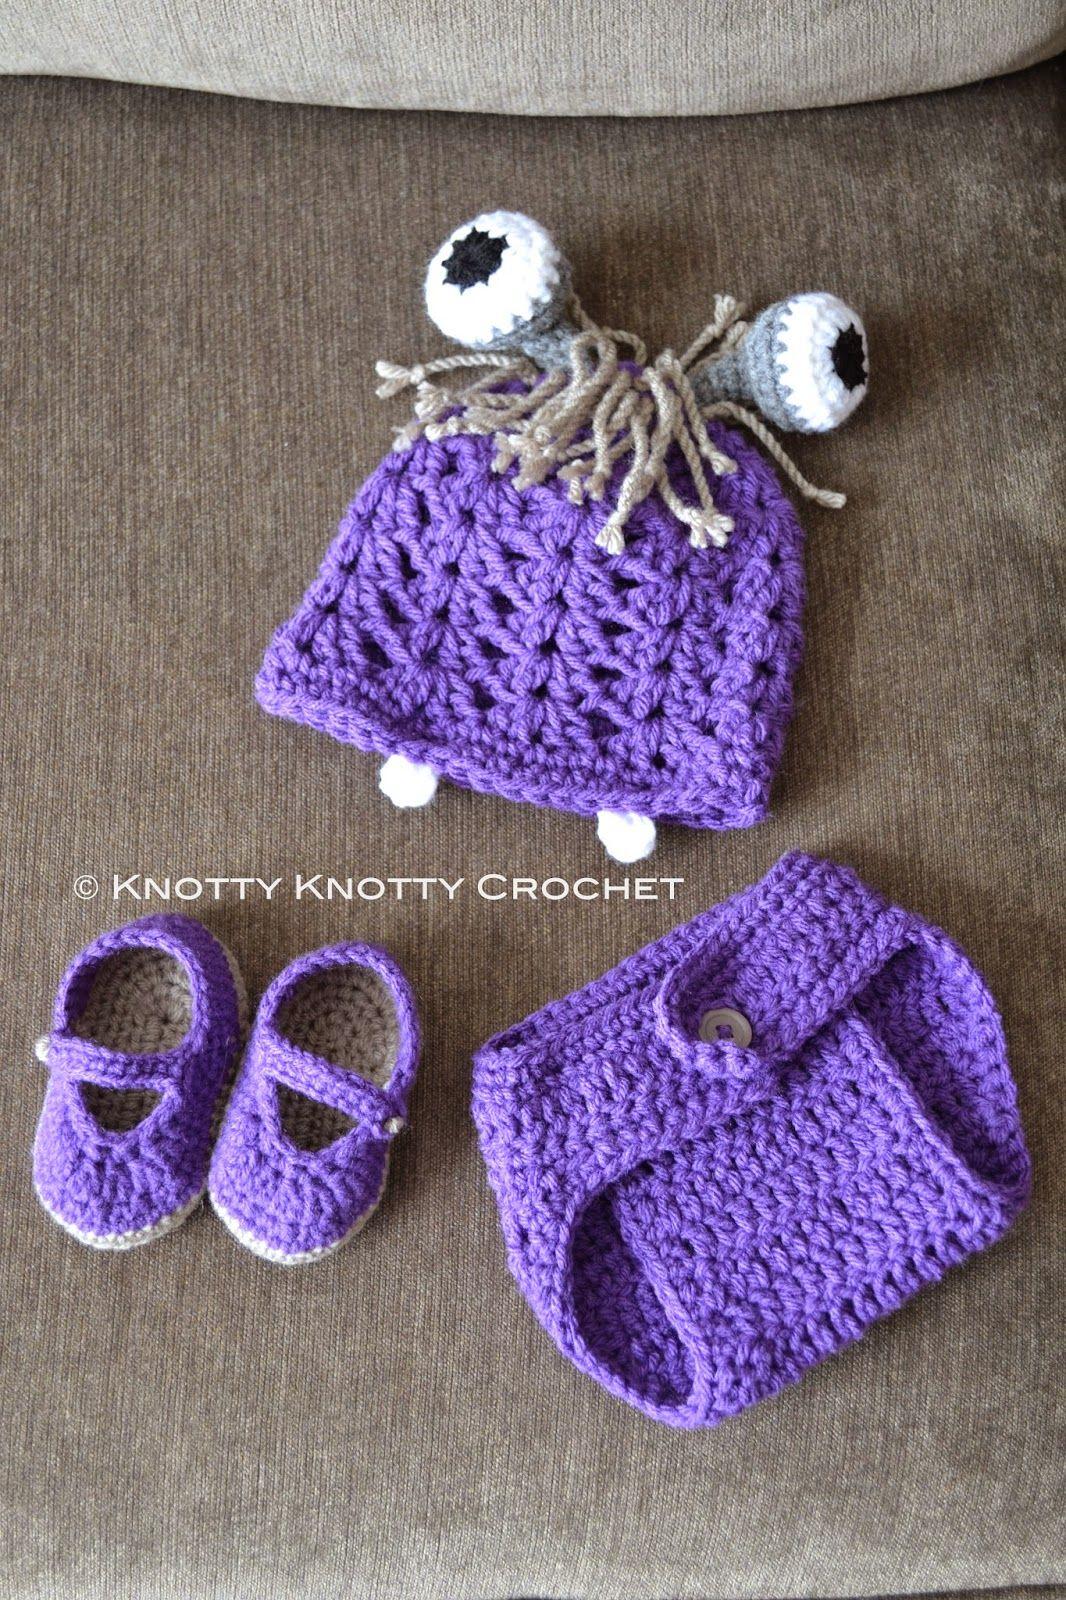 Knotty Knotty Crochet: \